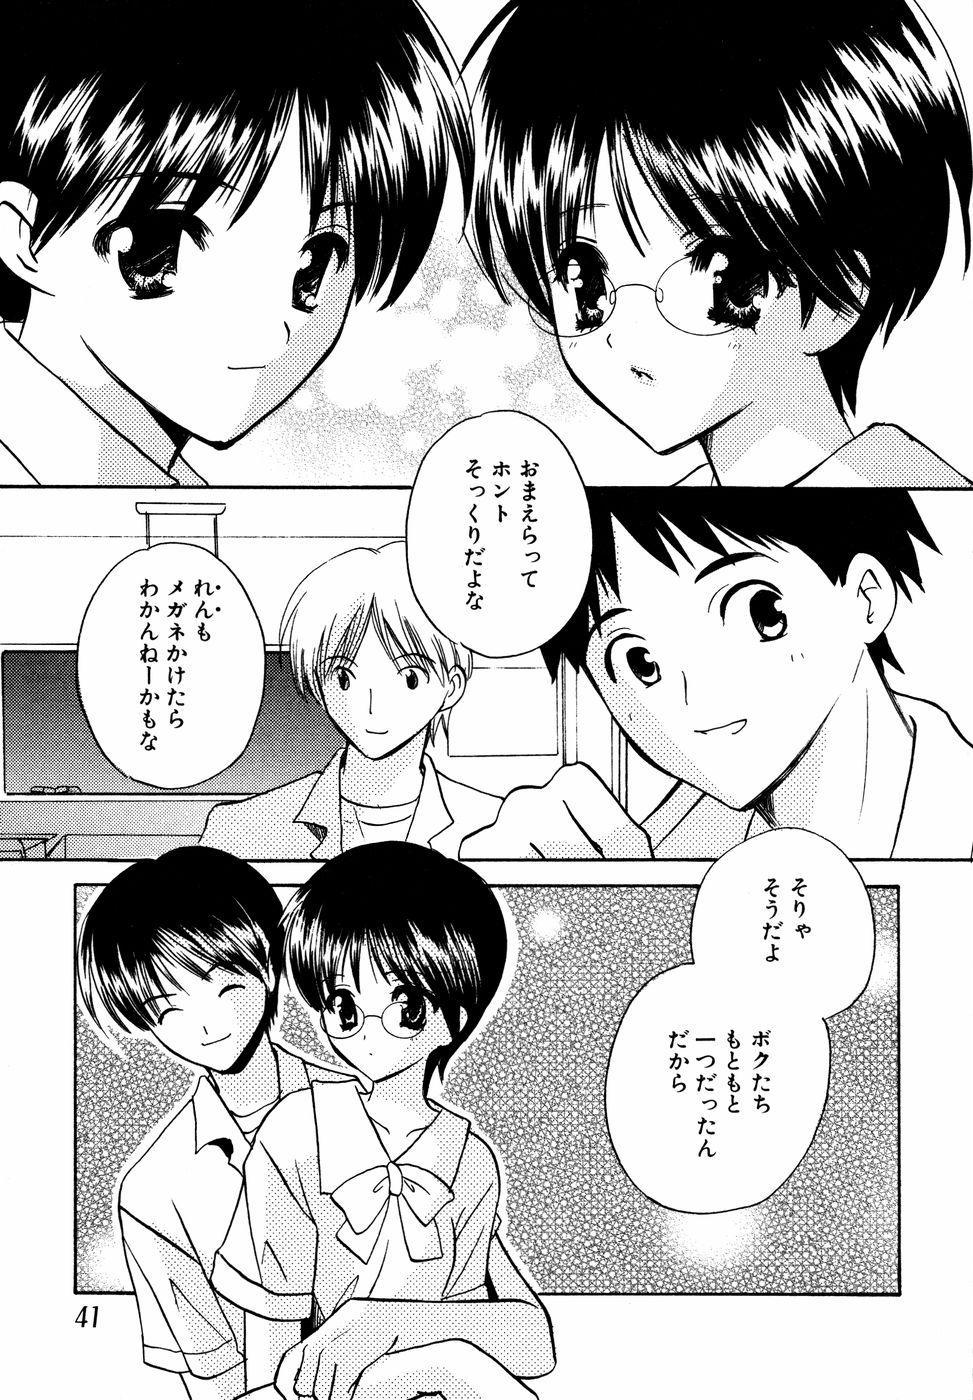 Megane Imouto Ryoujoku 41